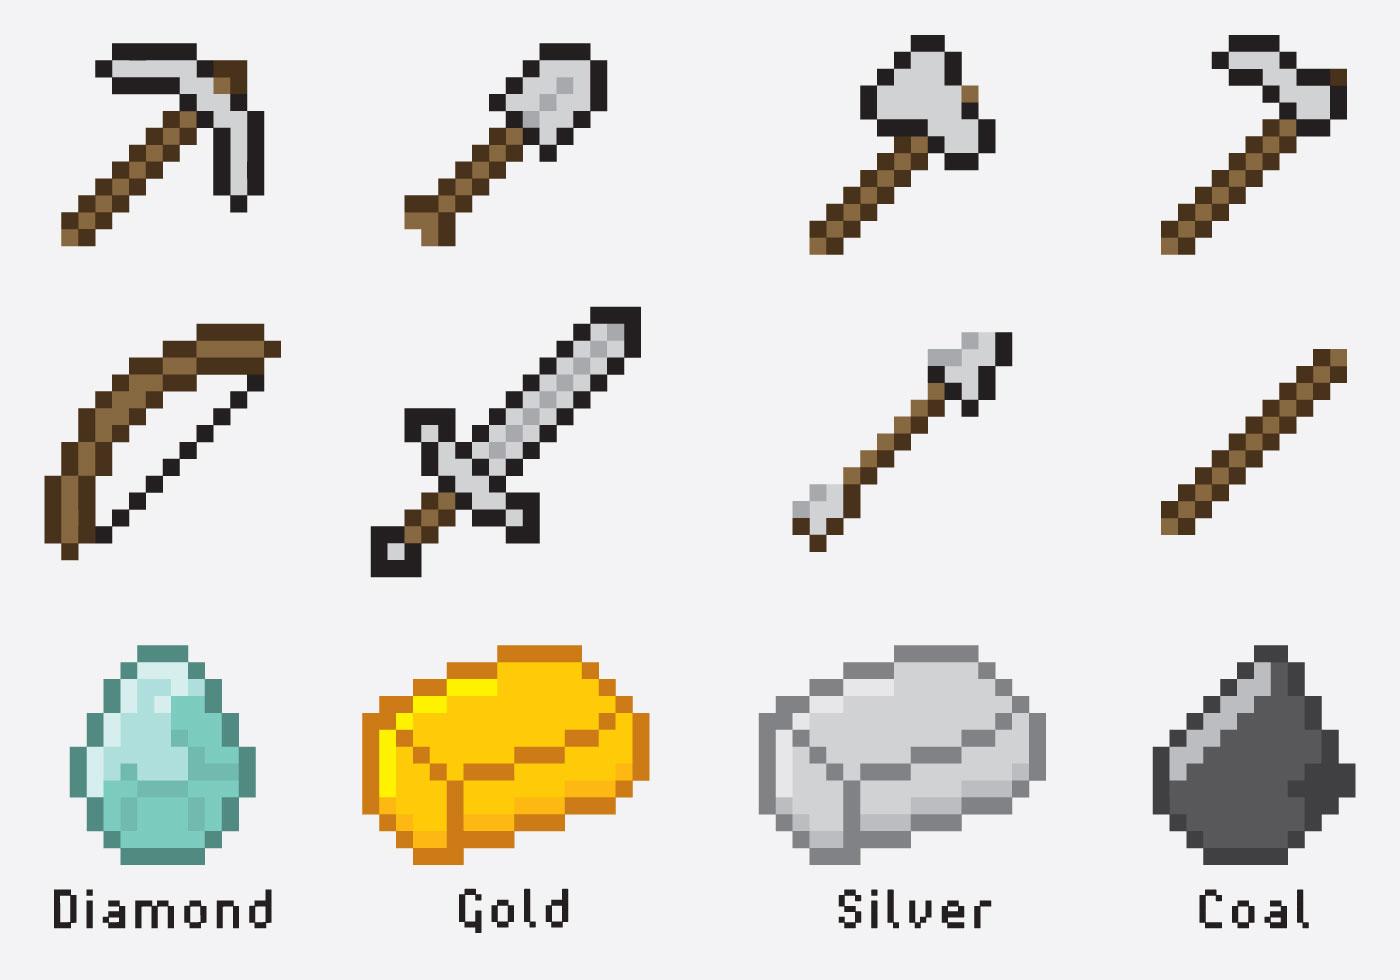 Minecraft Artículos - Descargue Gráficos y Vectores Gratis